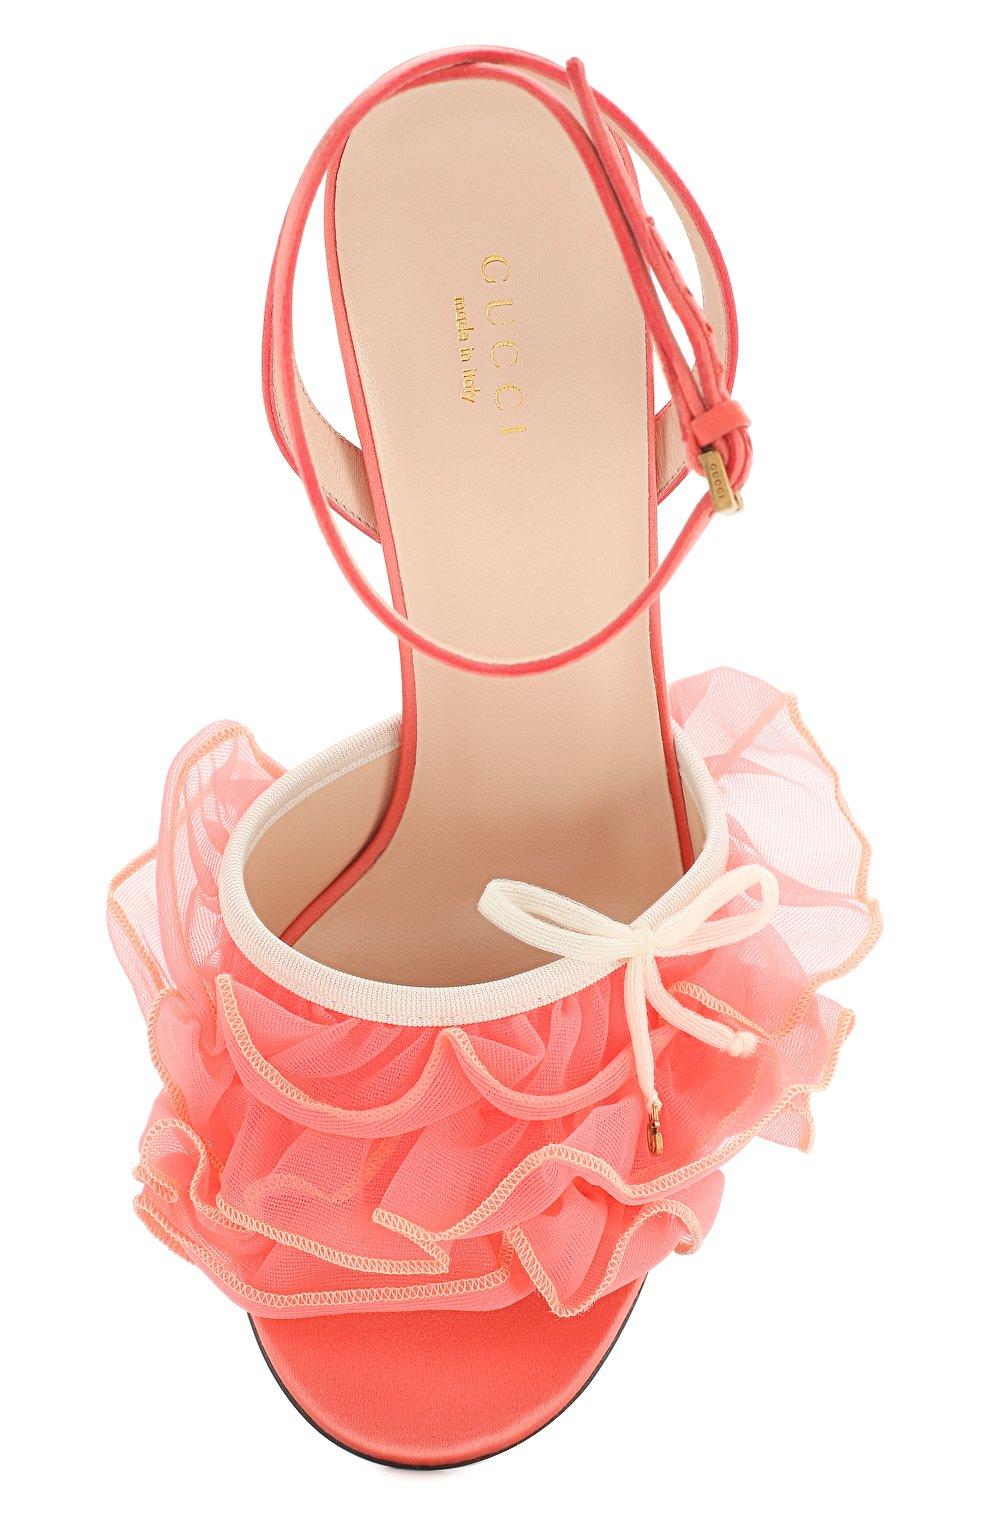 Текстильные босоножки Gucci розовые | Фото №5